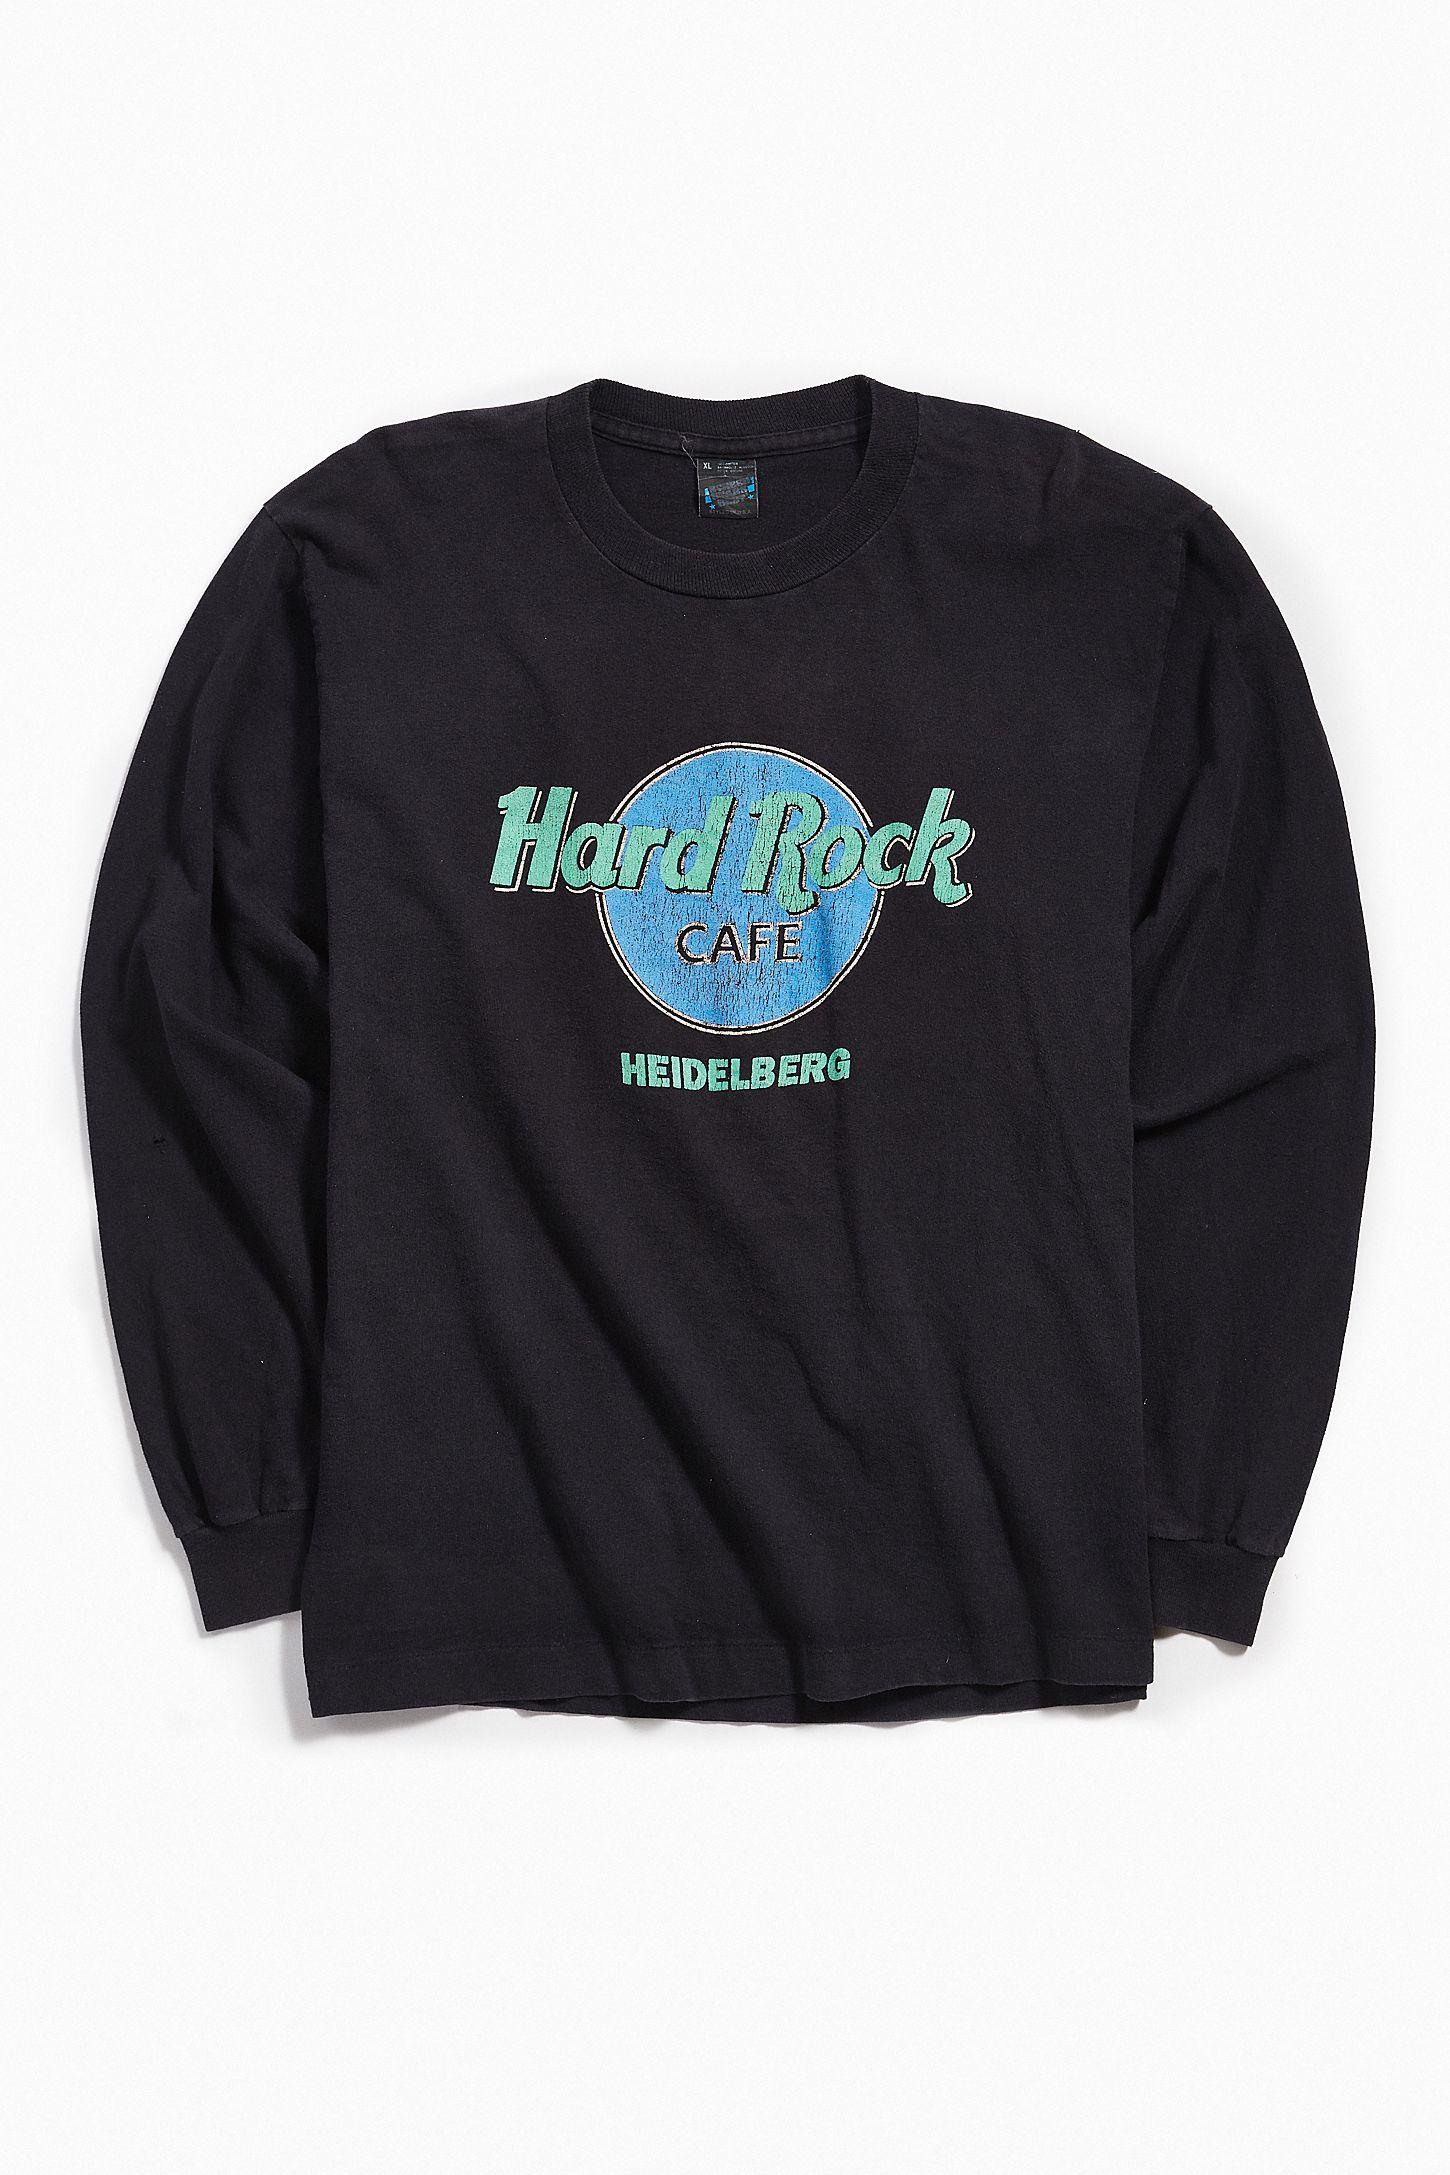 b37c8ea0b408aa Vintage Hard Rock Cafe Long Sleeve Tee